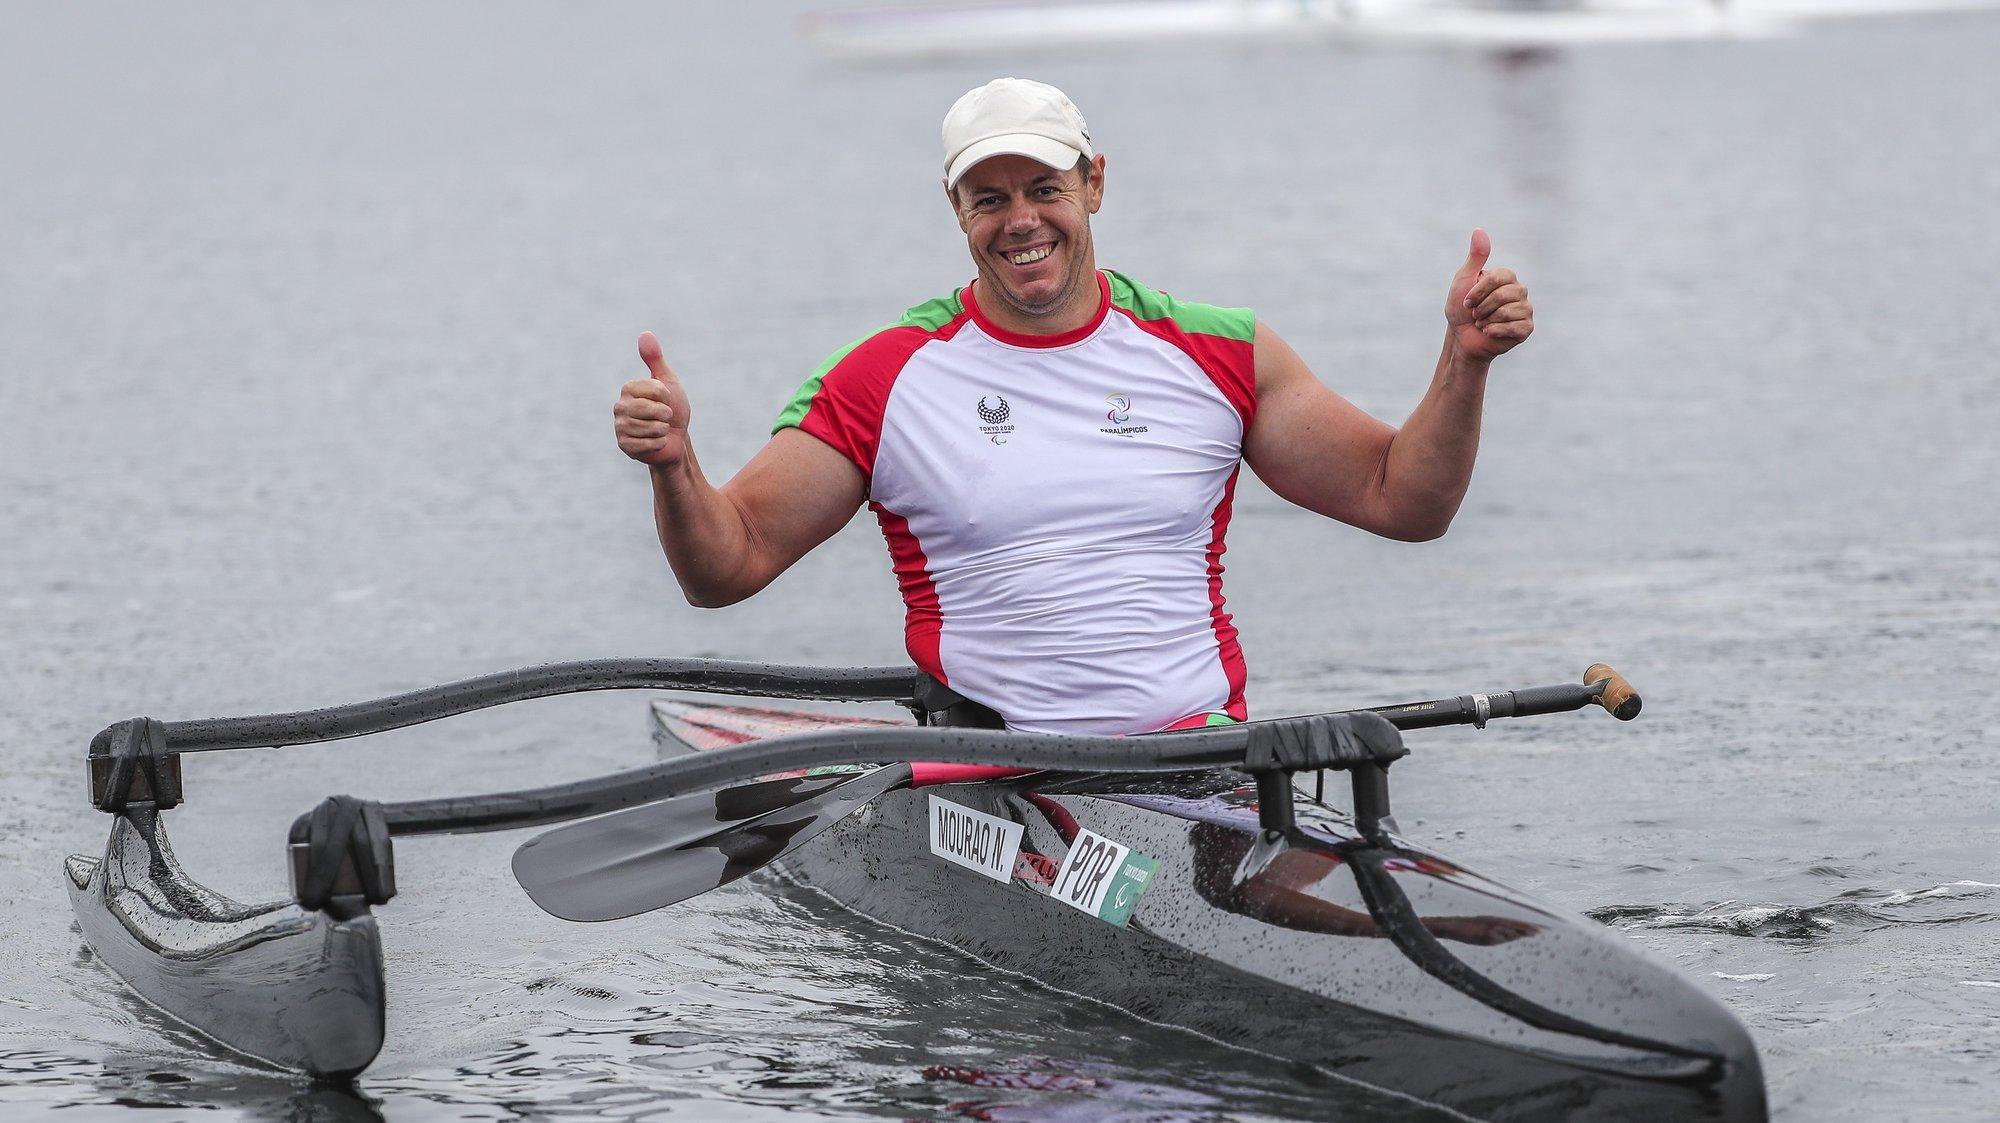 O atleta português, Norberto Mourão celebra após vencer a medalha de Bronze na prova de canoagem masculina caiaque singular VL2 -  200 metros esta manhã na pista de canoagem de Tóquio nos jogos Paralímpicos de Toquio 2020, Japão, 4 de setembro de 2021. MIGUEL A. LOPES/LUSA